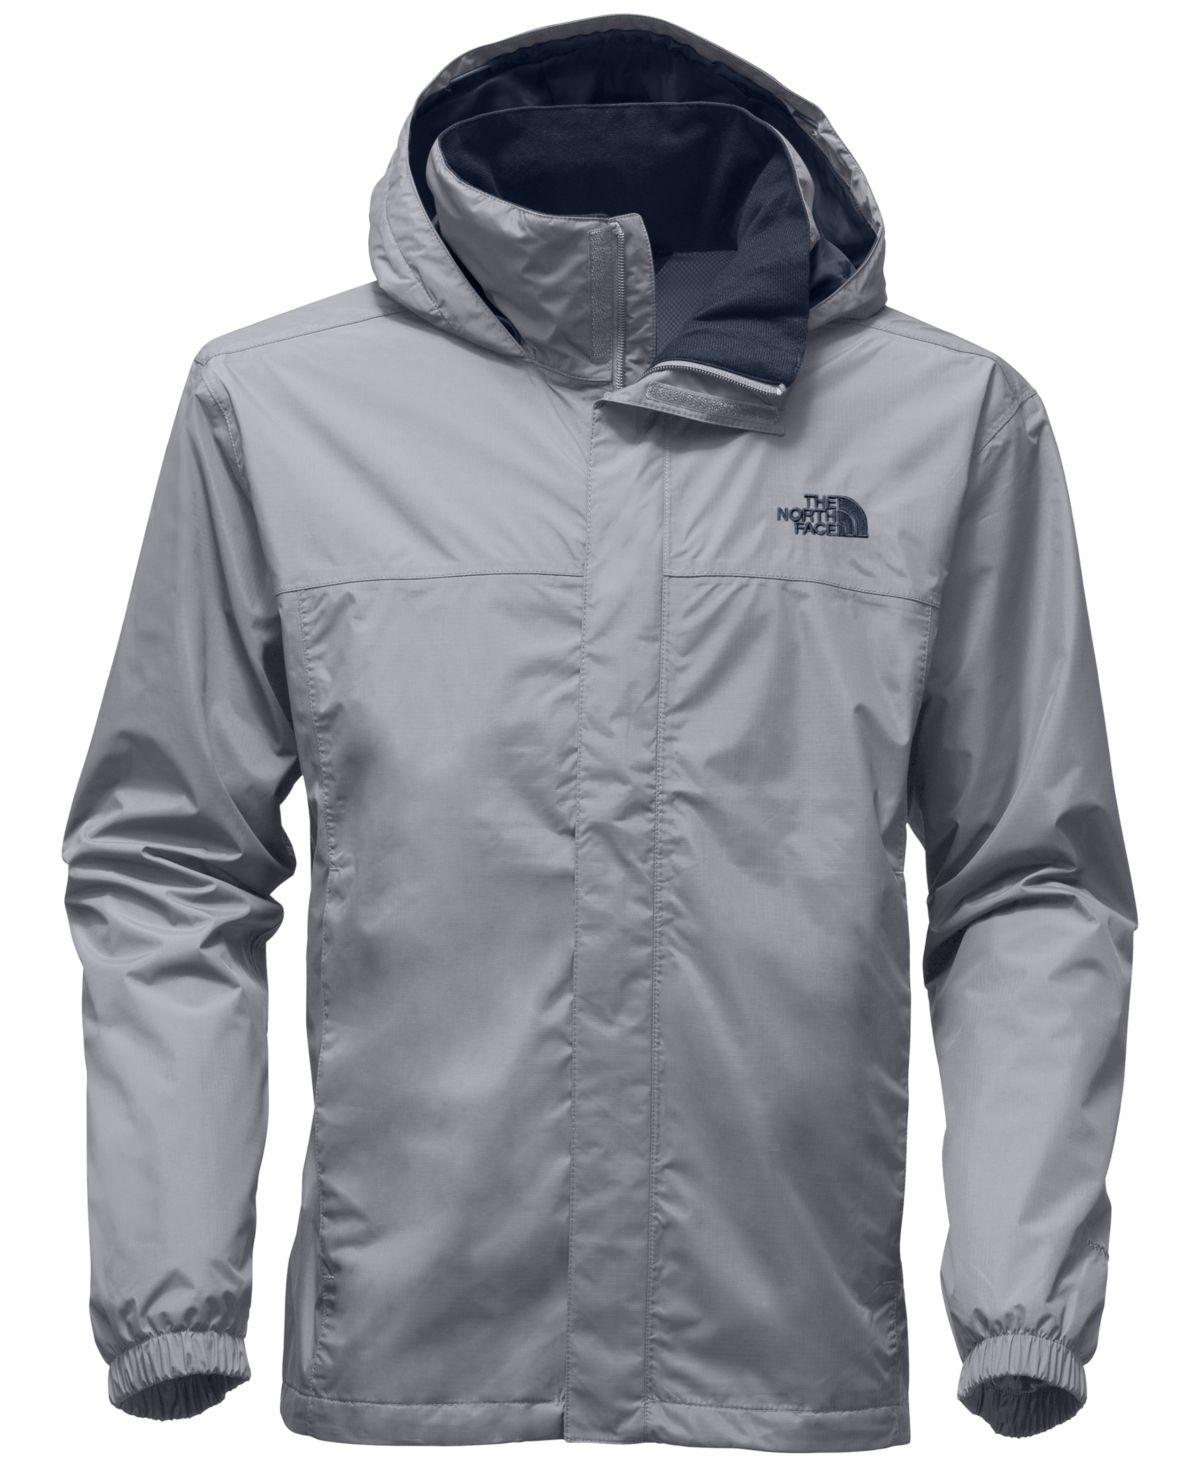 The North Face Men S Resolve 2 Waterproof Jacket Grey Black In 2020 North Face Jacket North Face Mens Waterproof Jacket Men [ 1467 x 1200 Pixel ]